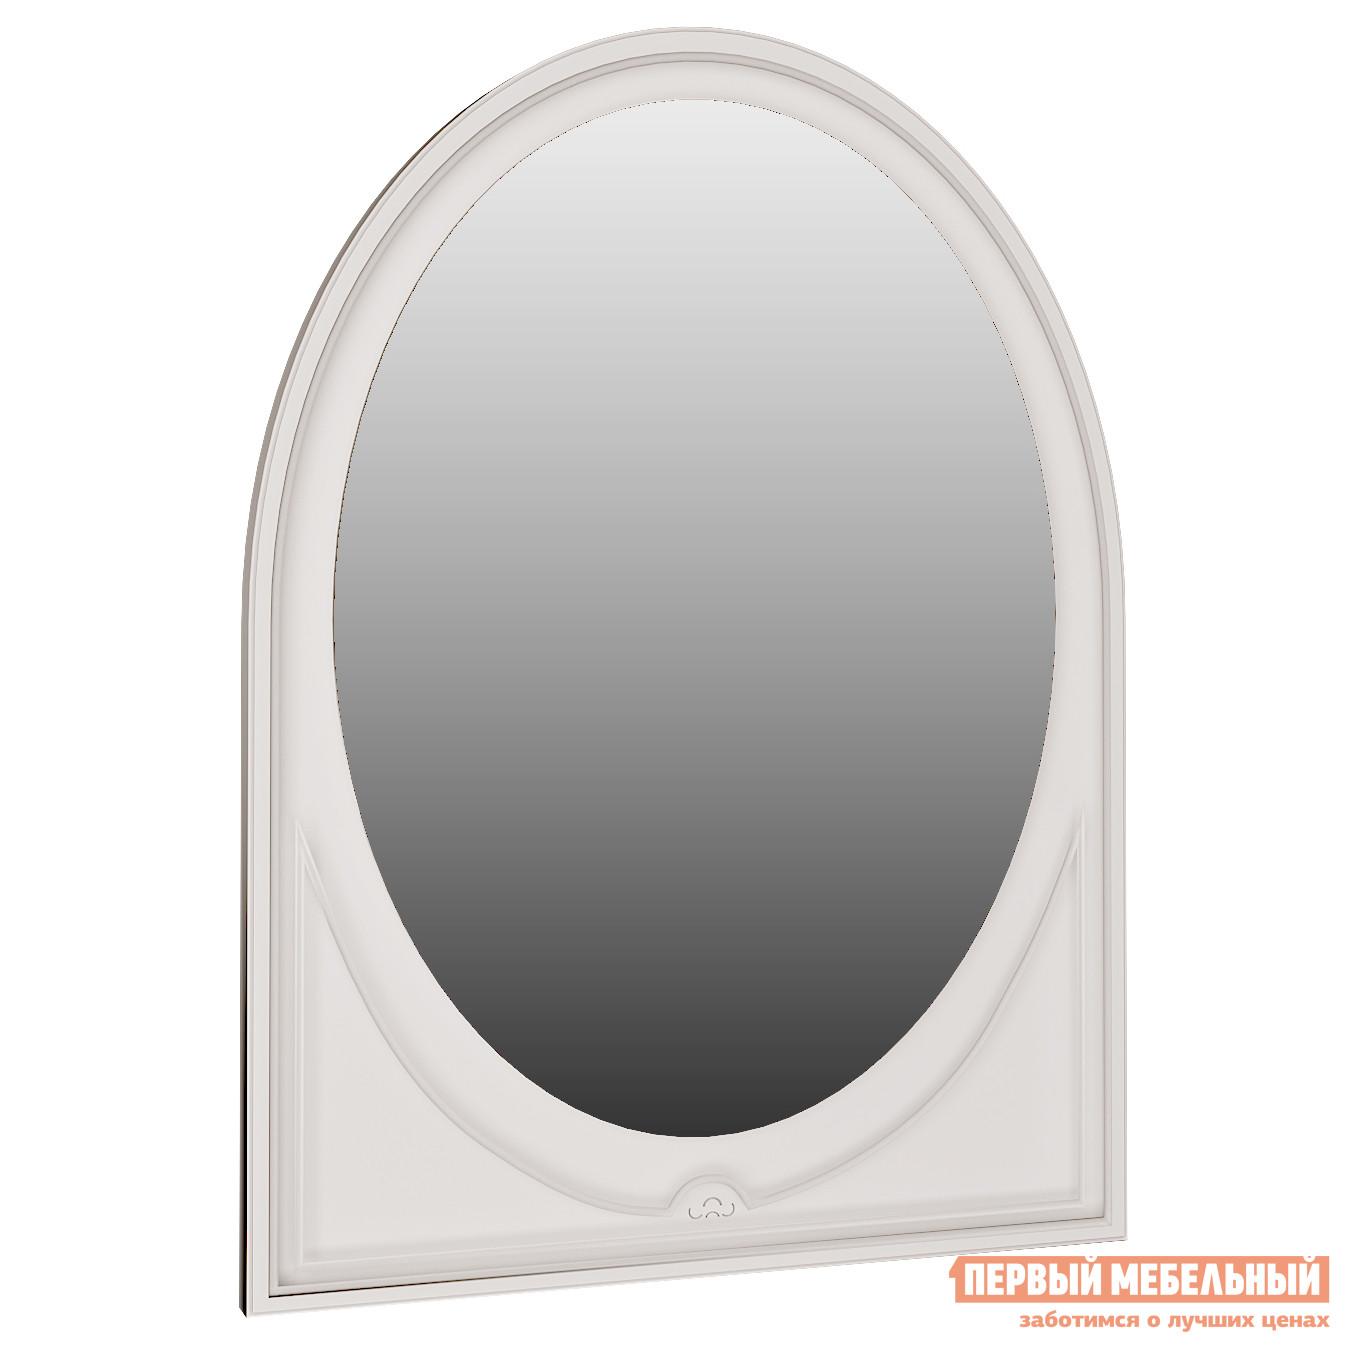 цена на Настенное зеркало ТД Арника Зеркало настенное Мелания 7